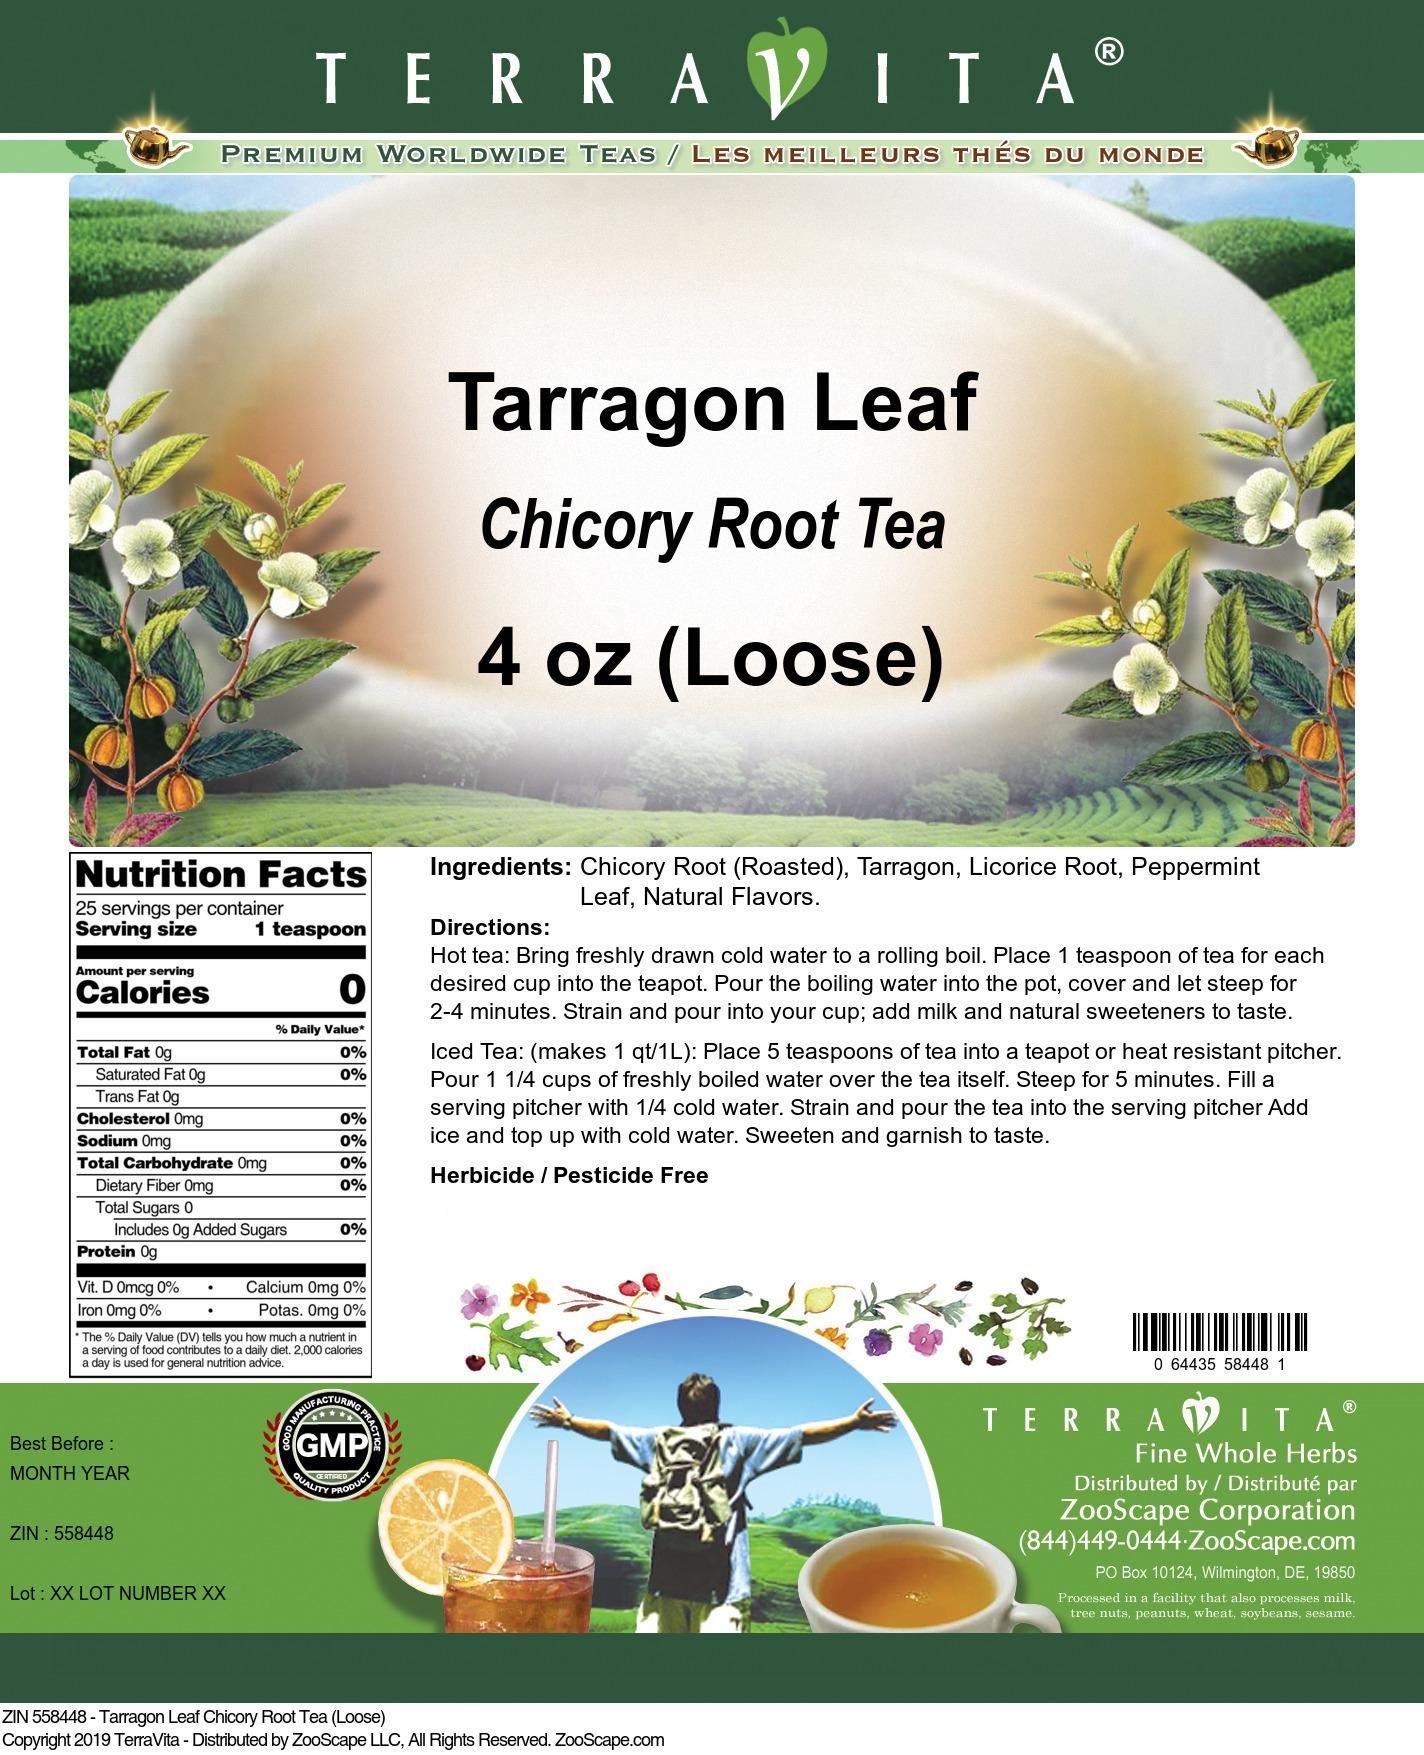 Tarragon Leaf Chicory Root Tea (Loose)